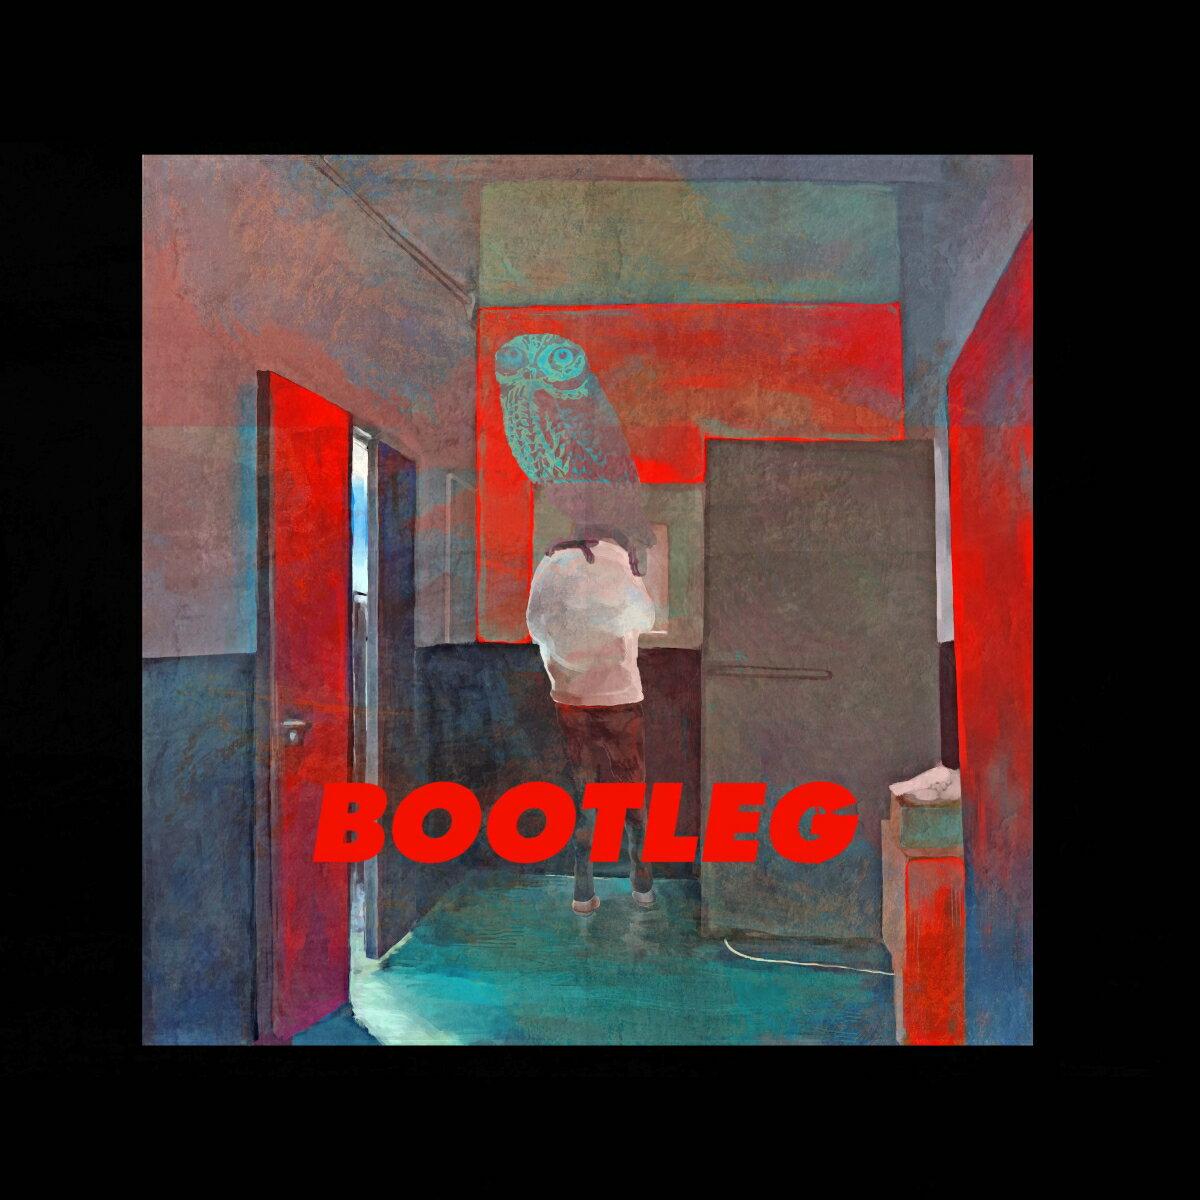 【先着特典】BOOTLEG (初回限定ブート盤 CD+12inchアナログ盤ジャケット、アートイラスト、ポスター、ダミーレコード) (フィルムシート付き) [ 米津玄師 ]